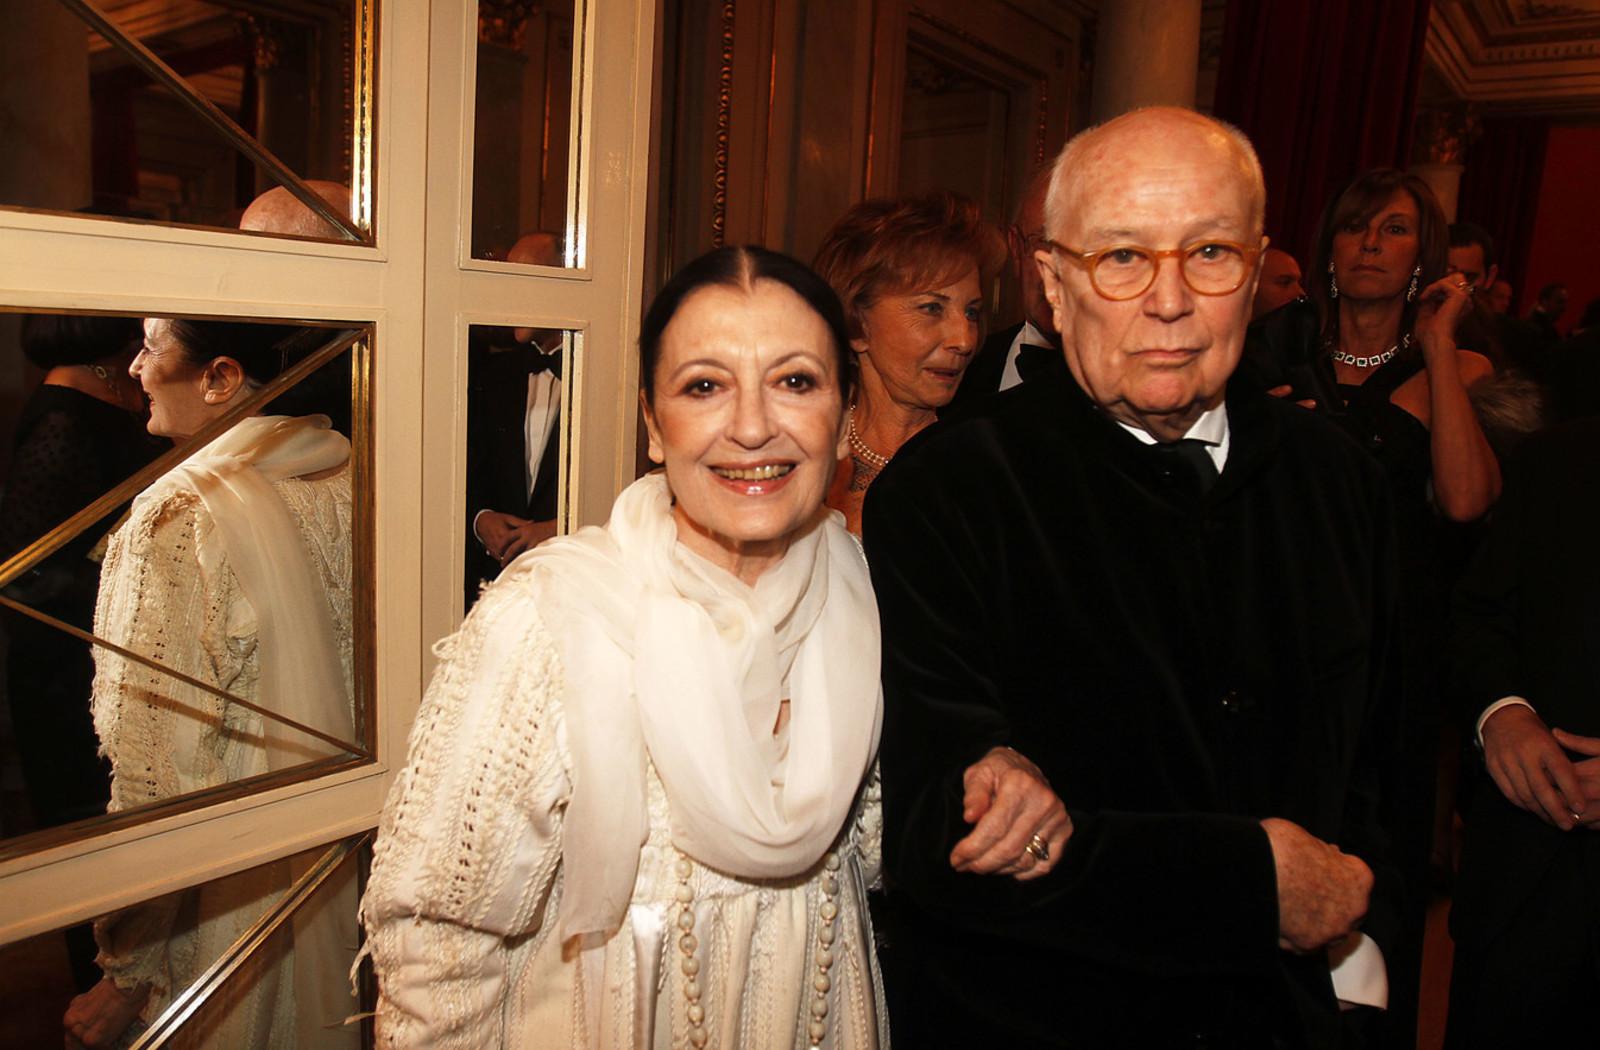 Carla Fracci con il marito Beppe Menegatti alla prima della Scala del 2013